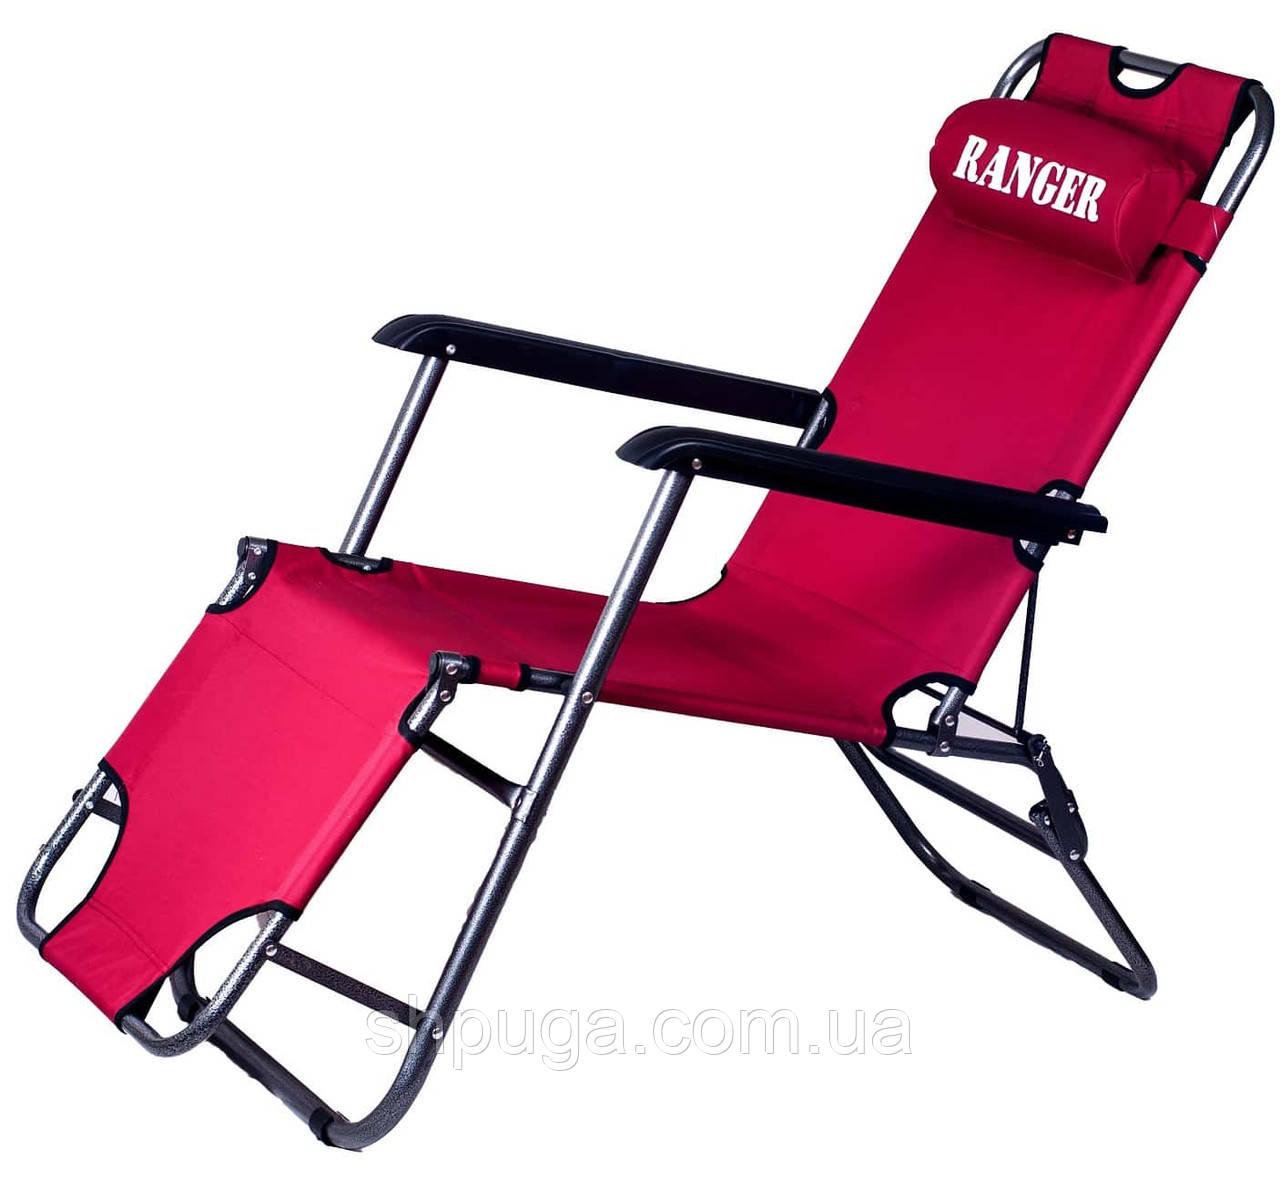 Шезлонг Ranger Comfort 3